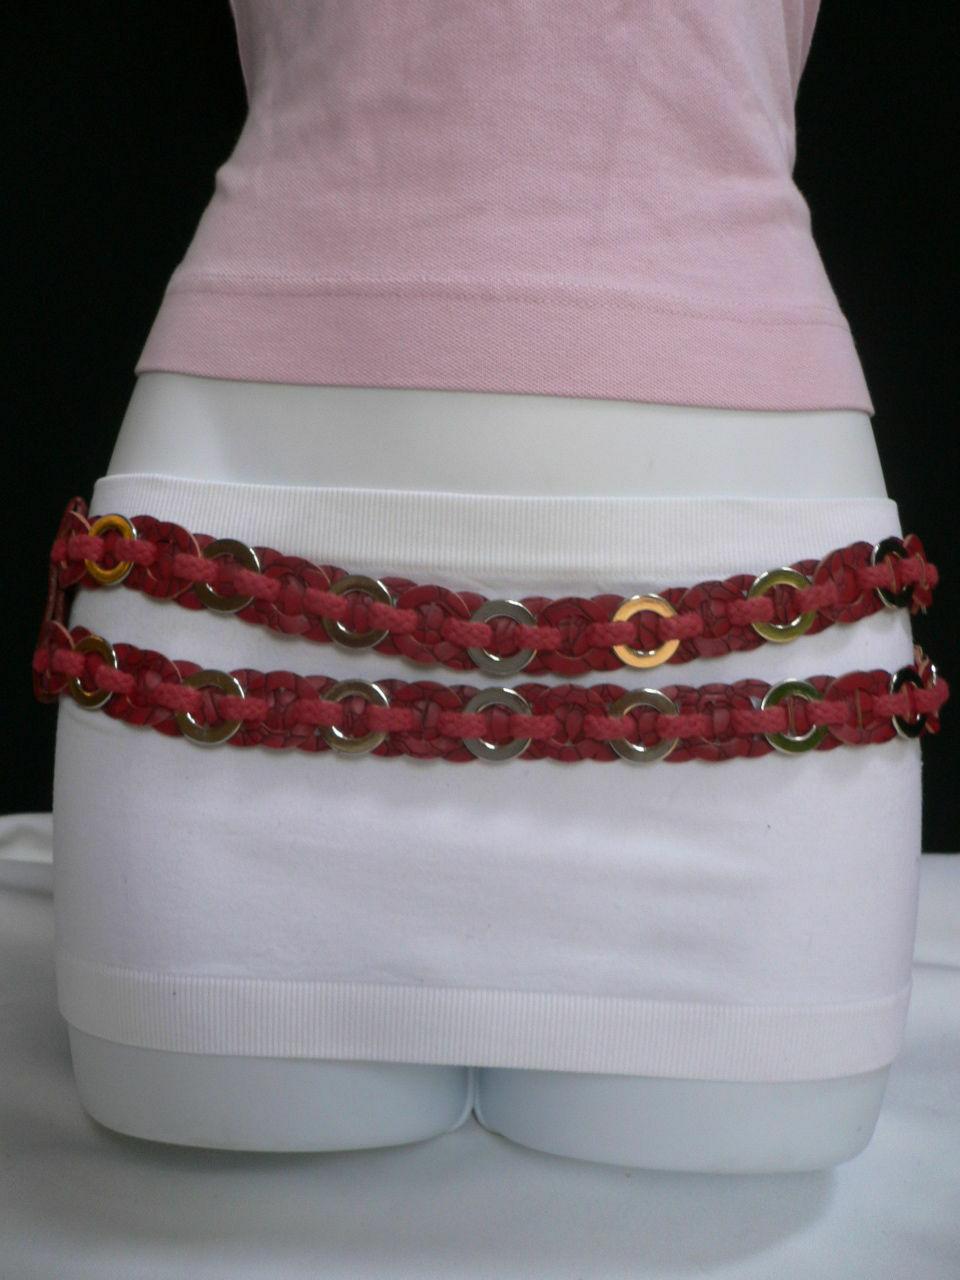 Femme Hip Taille Élastique Deux Rangs Argent Anneaux Métal Rouge Mode Ceinture image 7